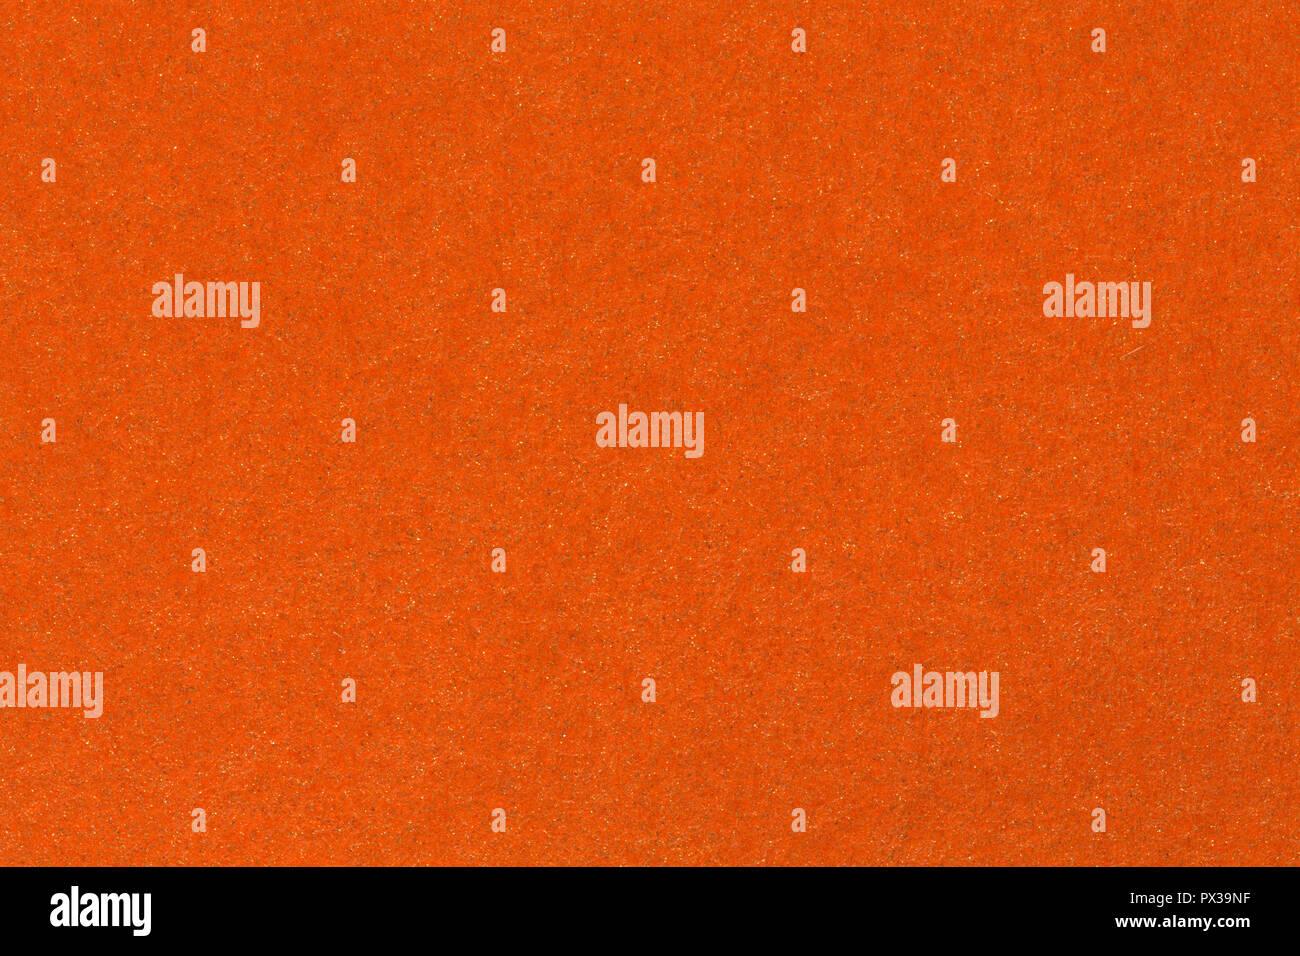 Carta arancione texture e sfondi. Carta di alta qualità di texture. Immagini Stock